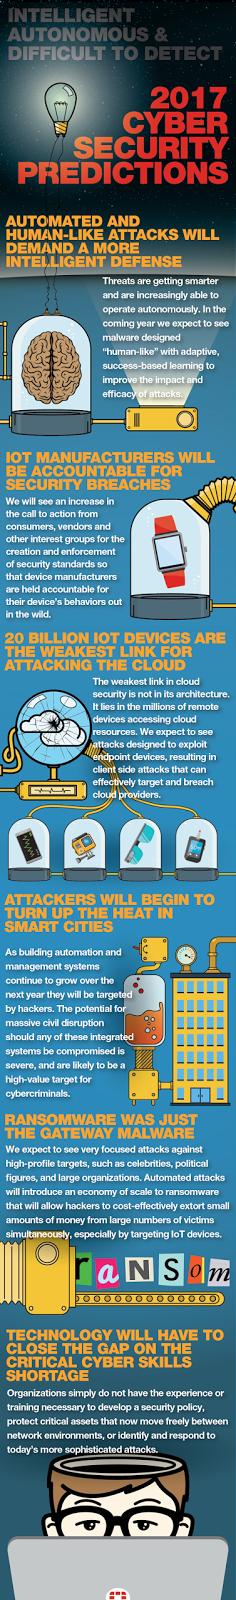 IoT, serangan lebih cerdas berbasis malware dan tebusan diprediksikan berada di garis depan aktifitas peretasan pada tahun 2017